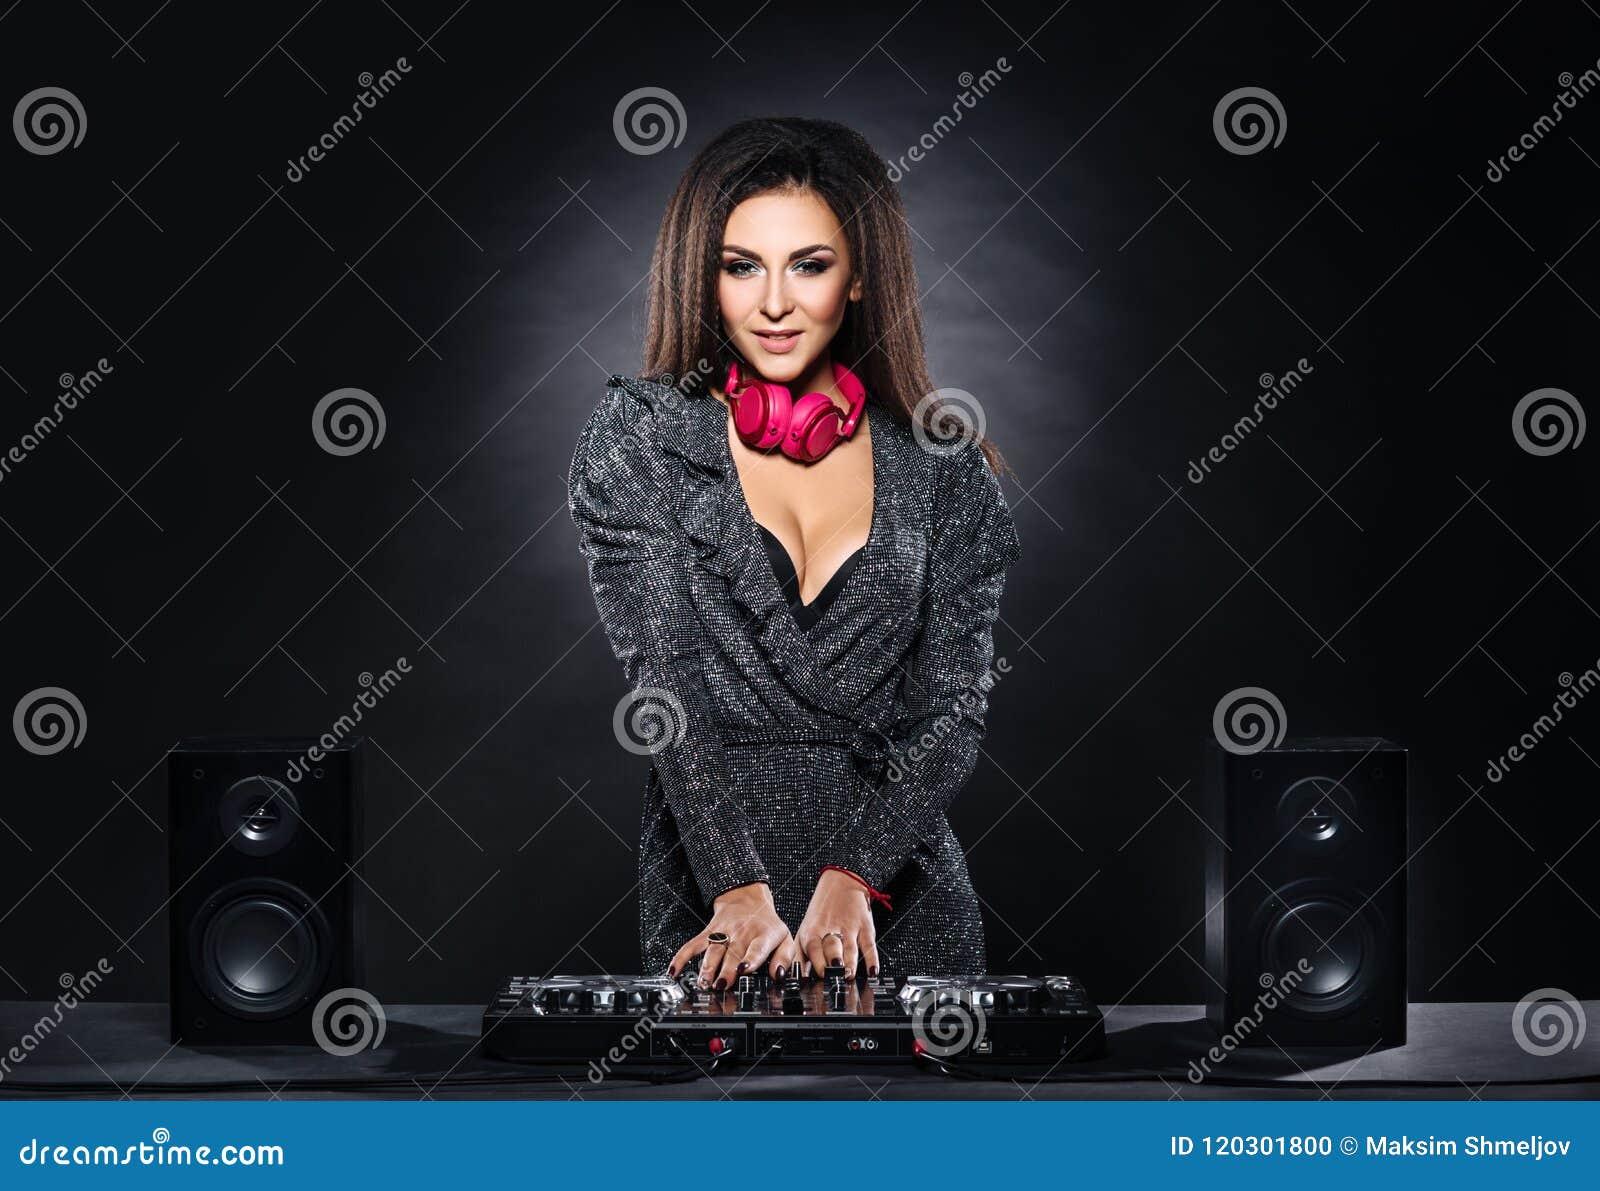 Jeune, belle et sexy fille du DJ jouant la musique sur une partie de disco dans une boîte de nuit